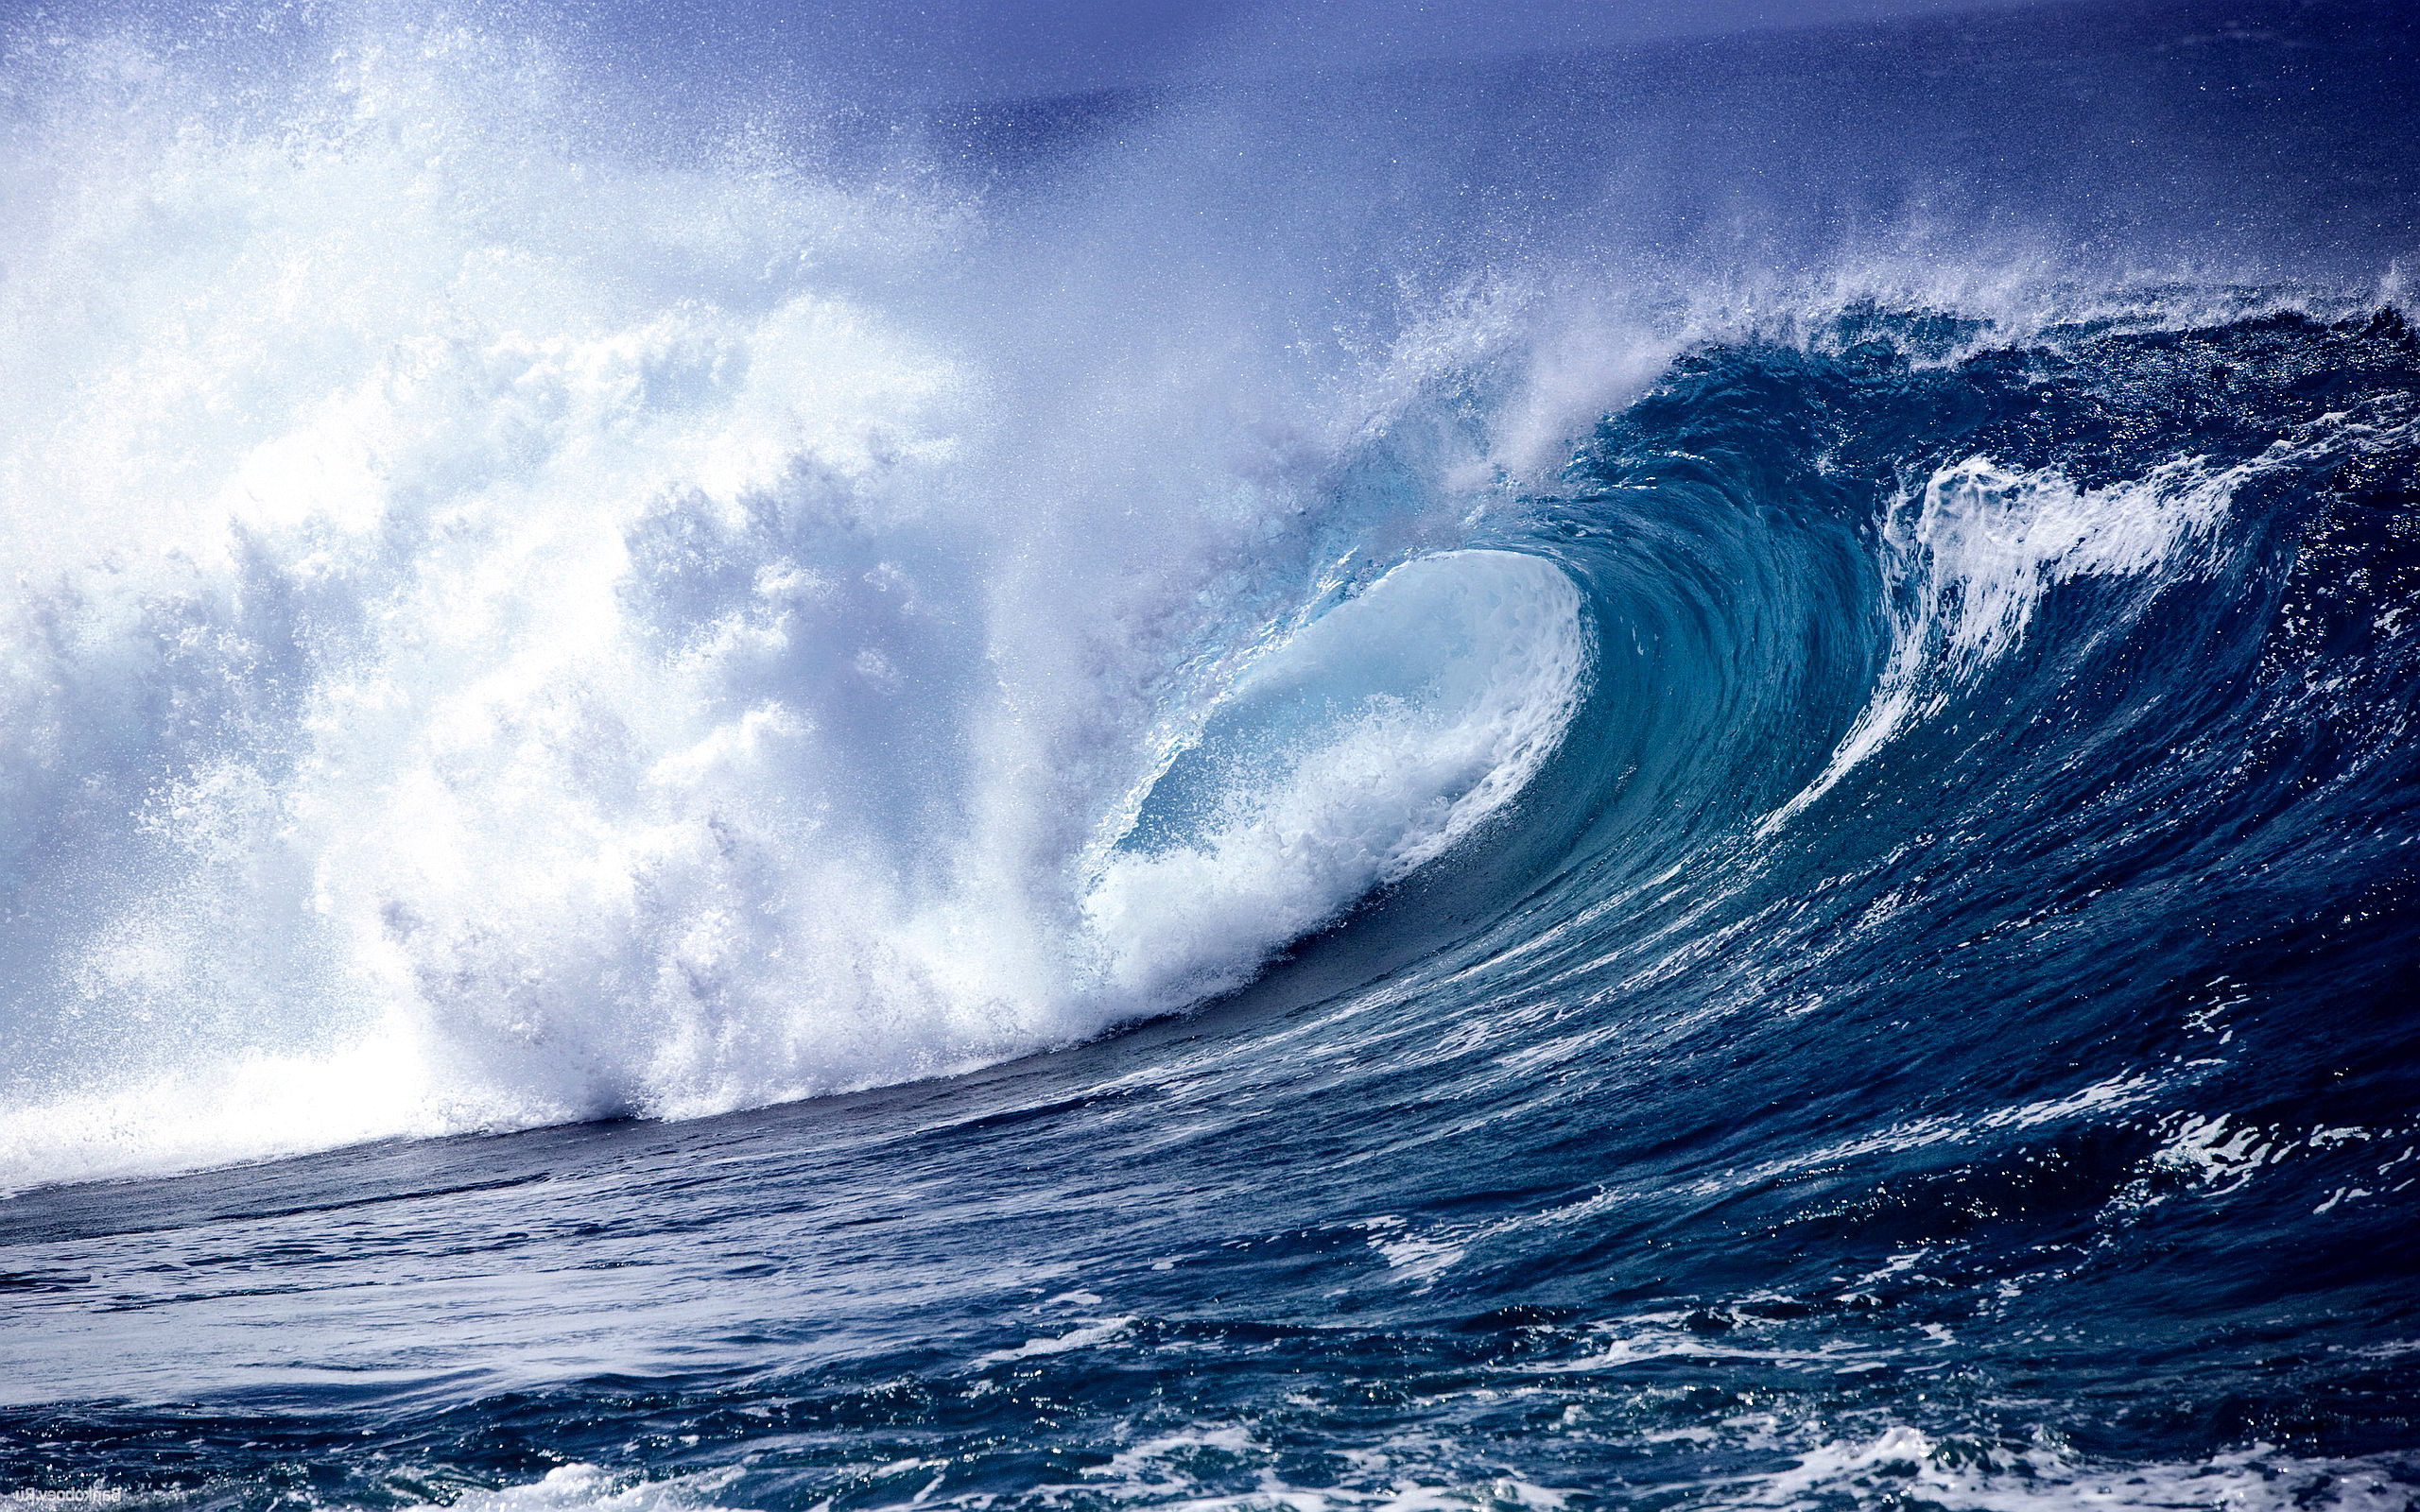 Popular Wallpaper Home Screen Ocean - 8589130419405-blue-ocean-waves-wallpaper-hd  Collection_258849.jpg